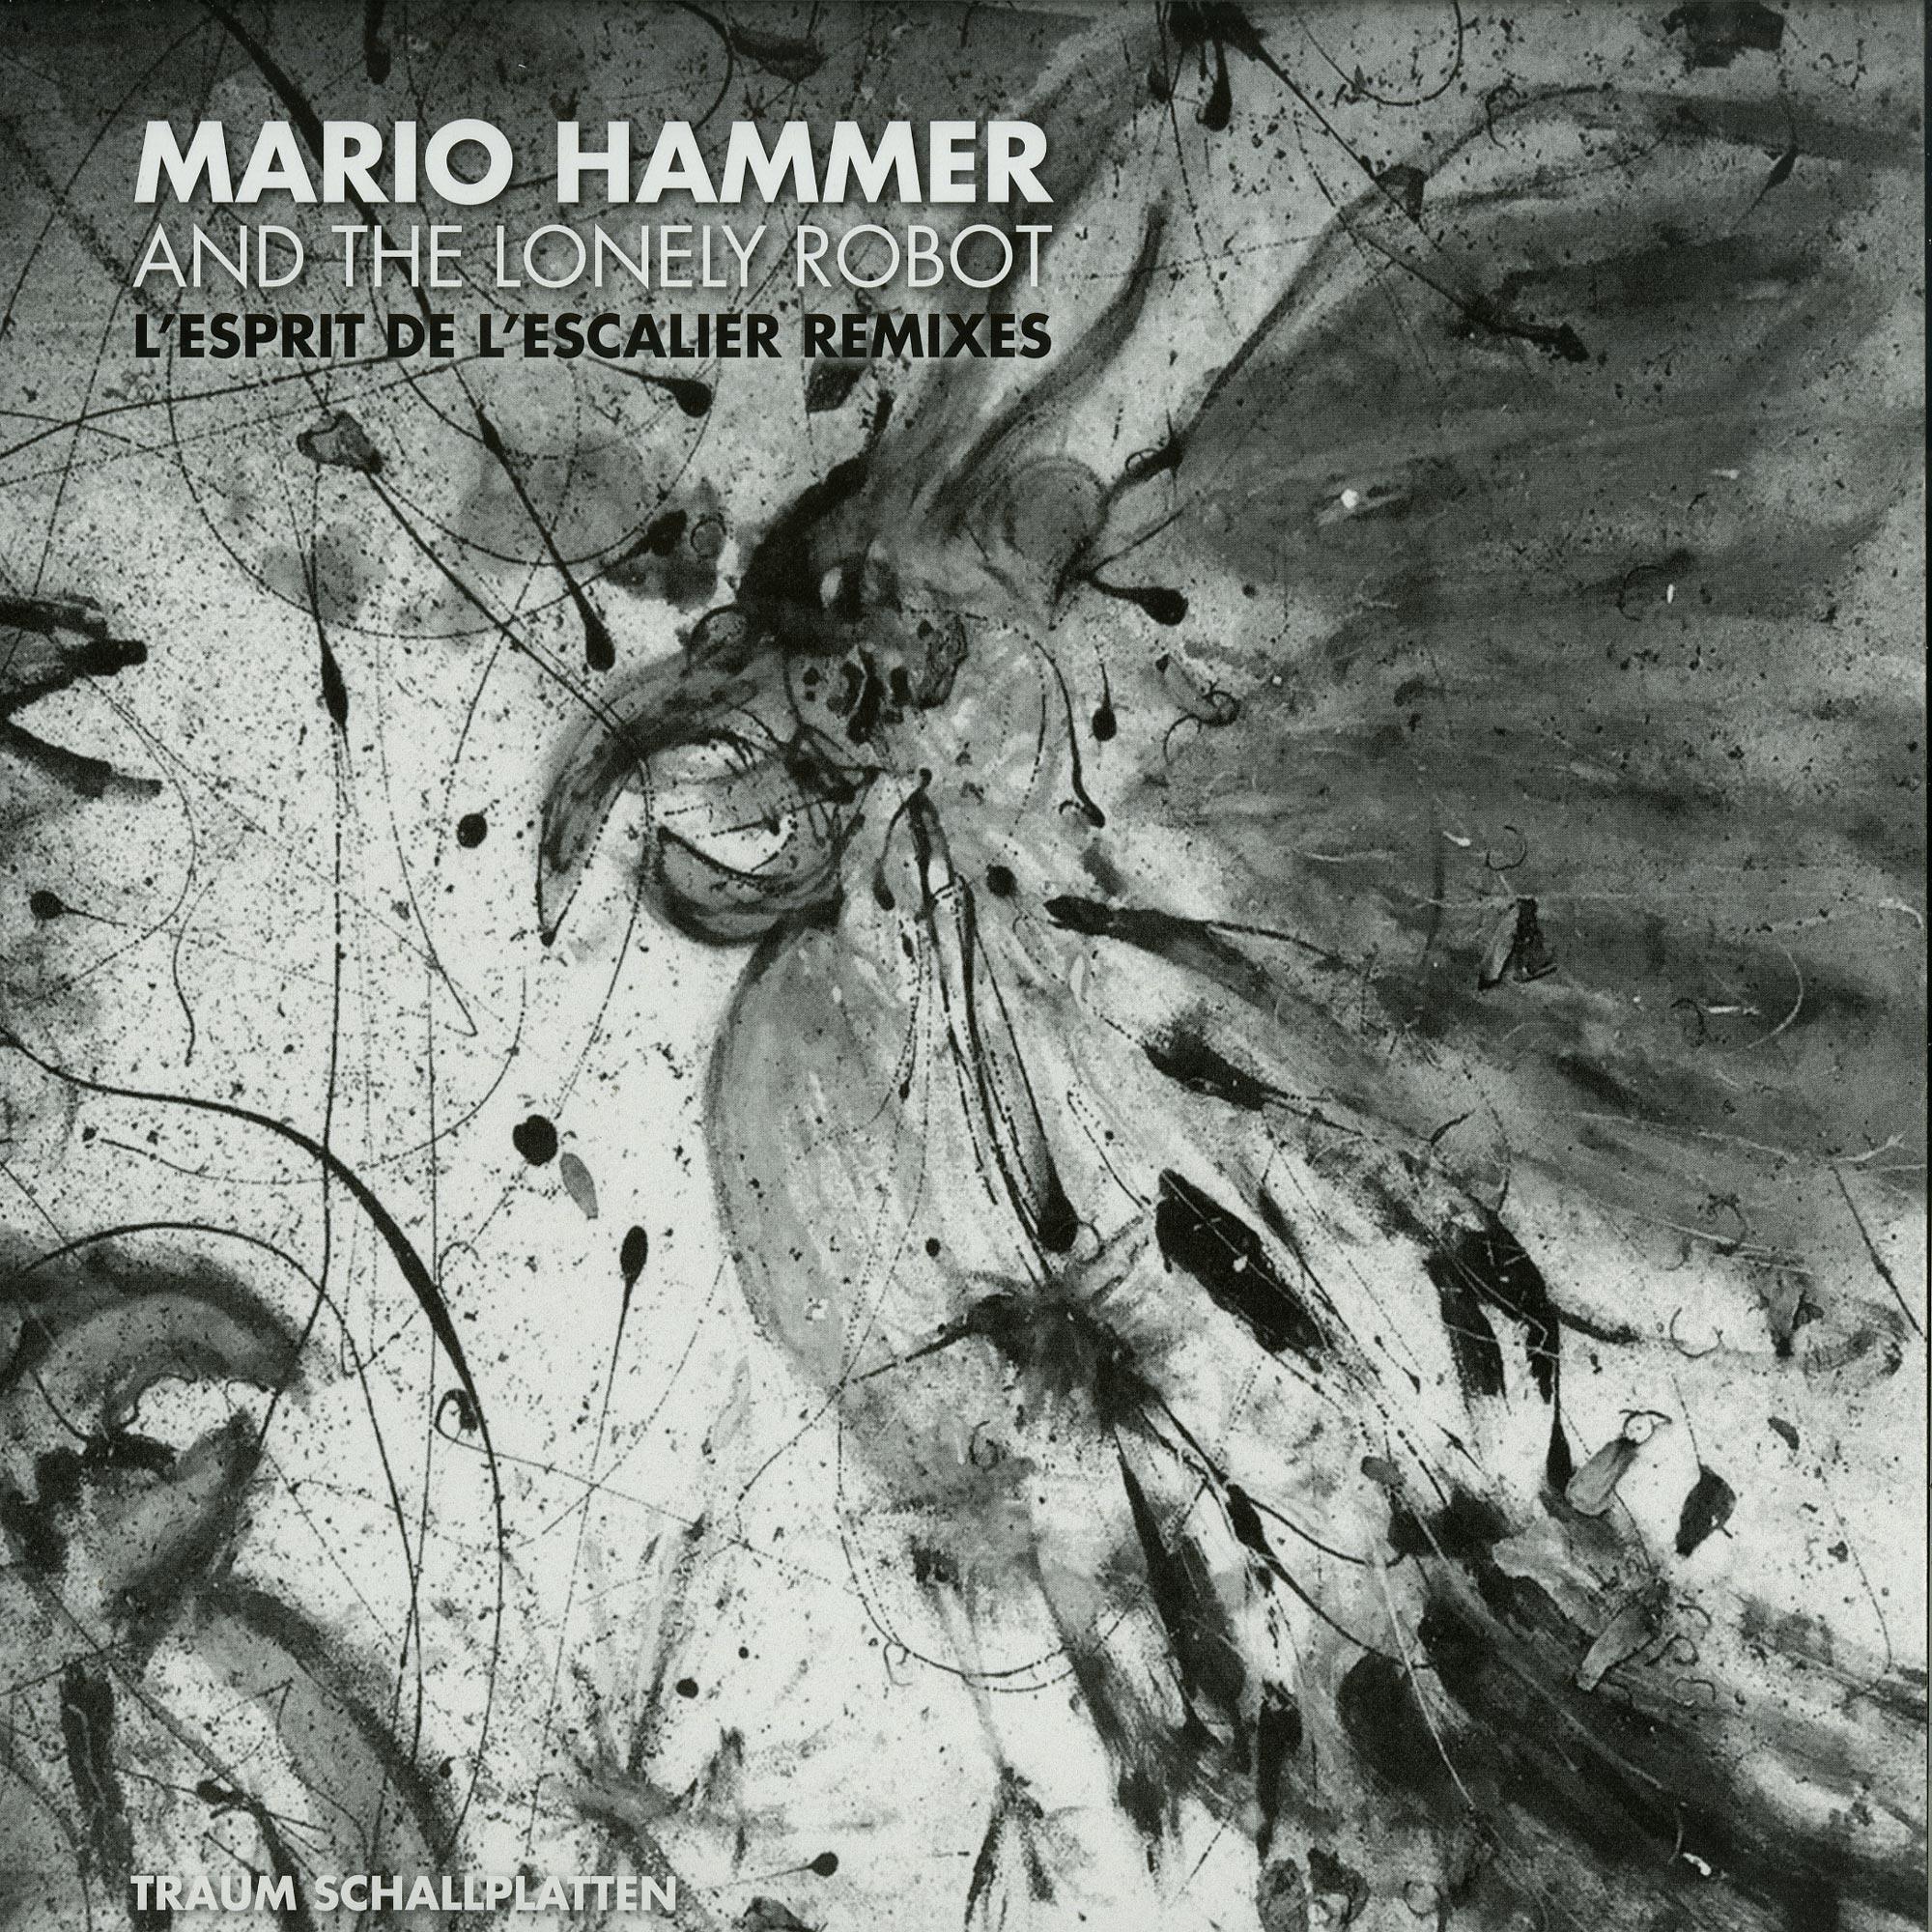 Mario Hammer And The Lonely Robot - LESPRIT DE LESCALIER REMIXES